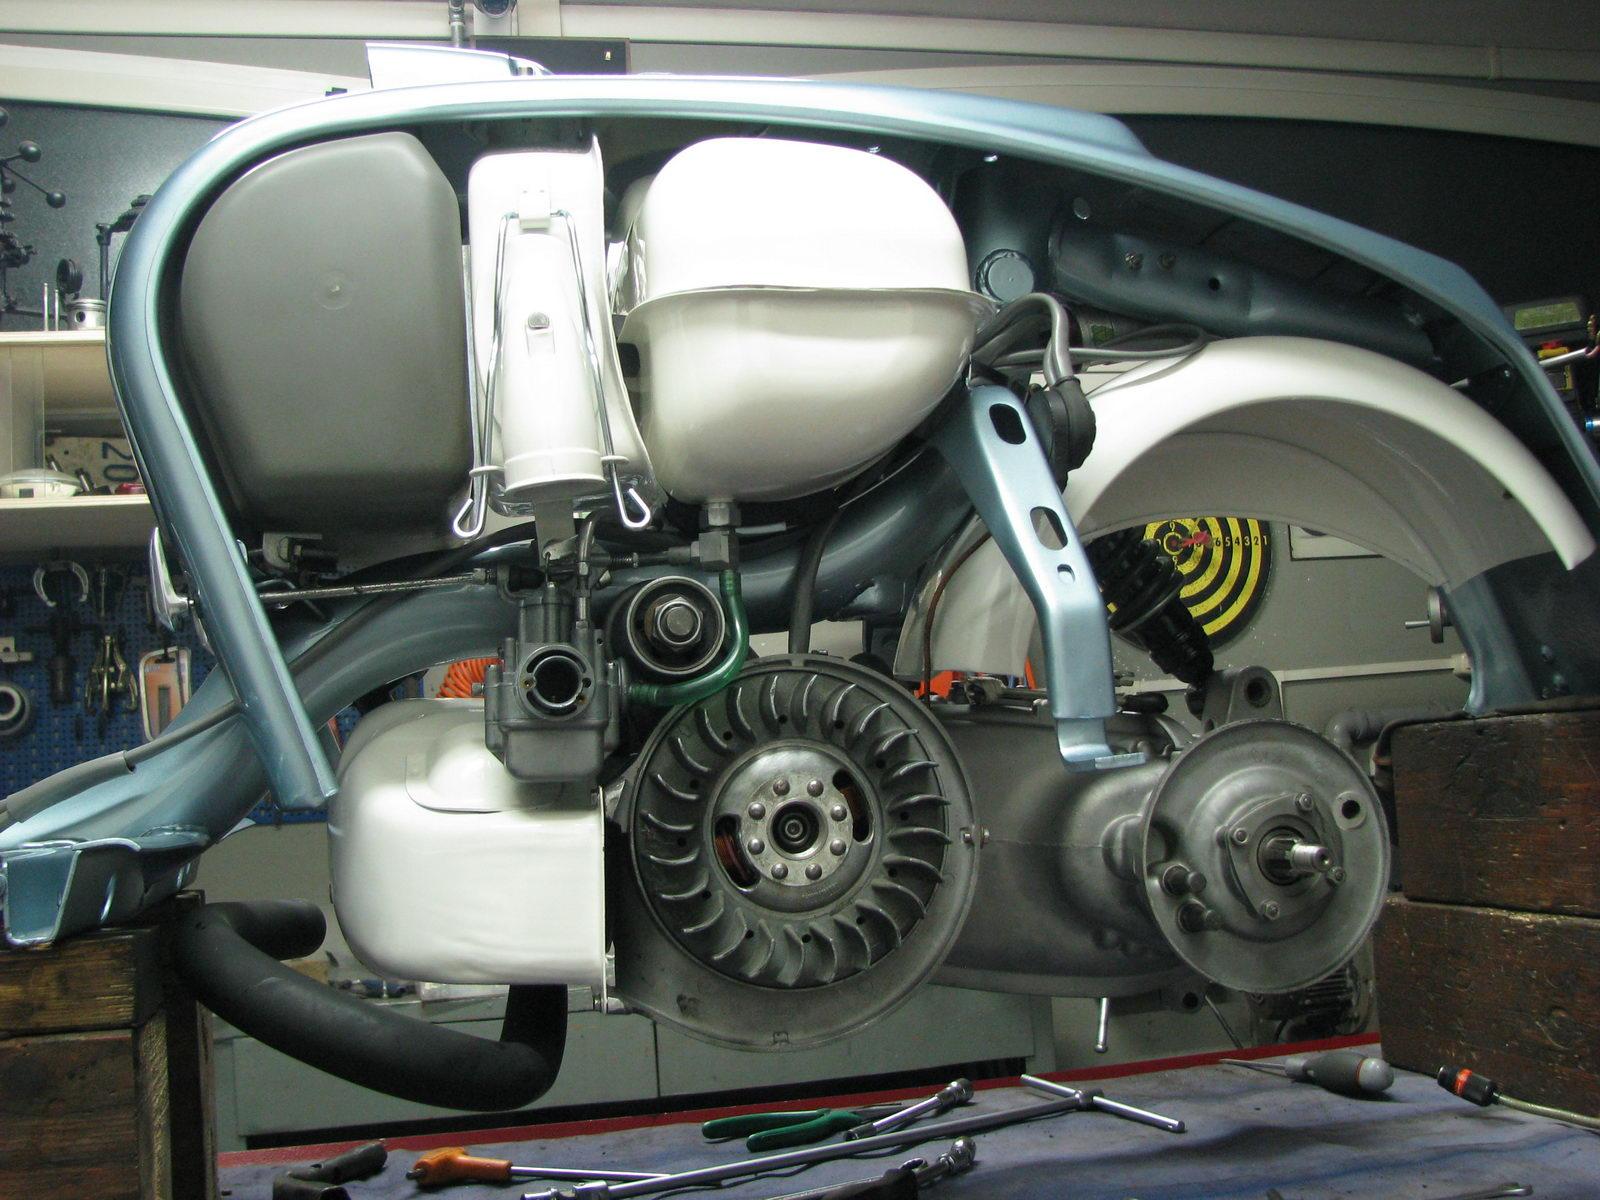 Schema Elettrico Lambretta J50 : Lambretta special